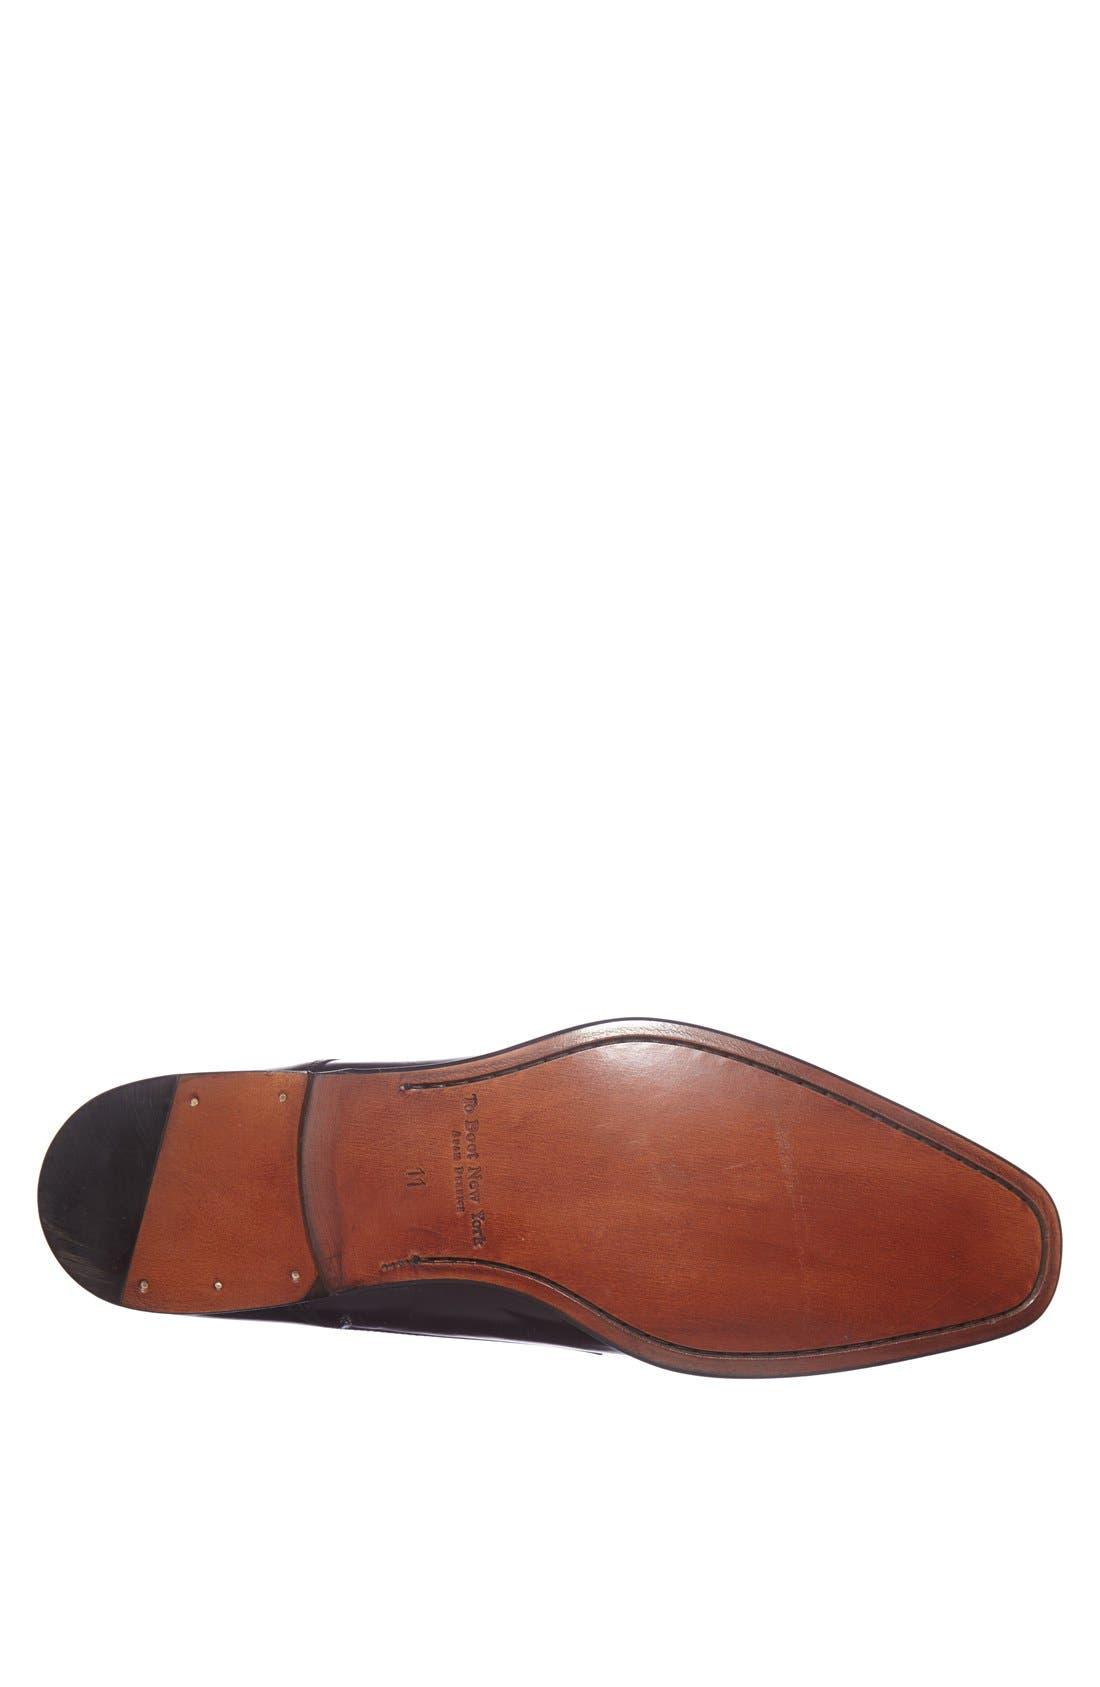 'Grant' Double Monk Shoe,                             Alternate thumbnail 3, color,                             PARMA BLACK